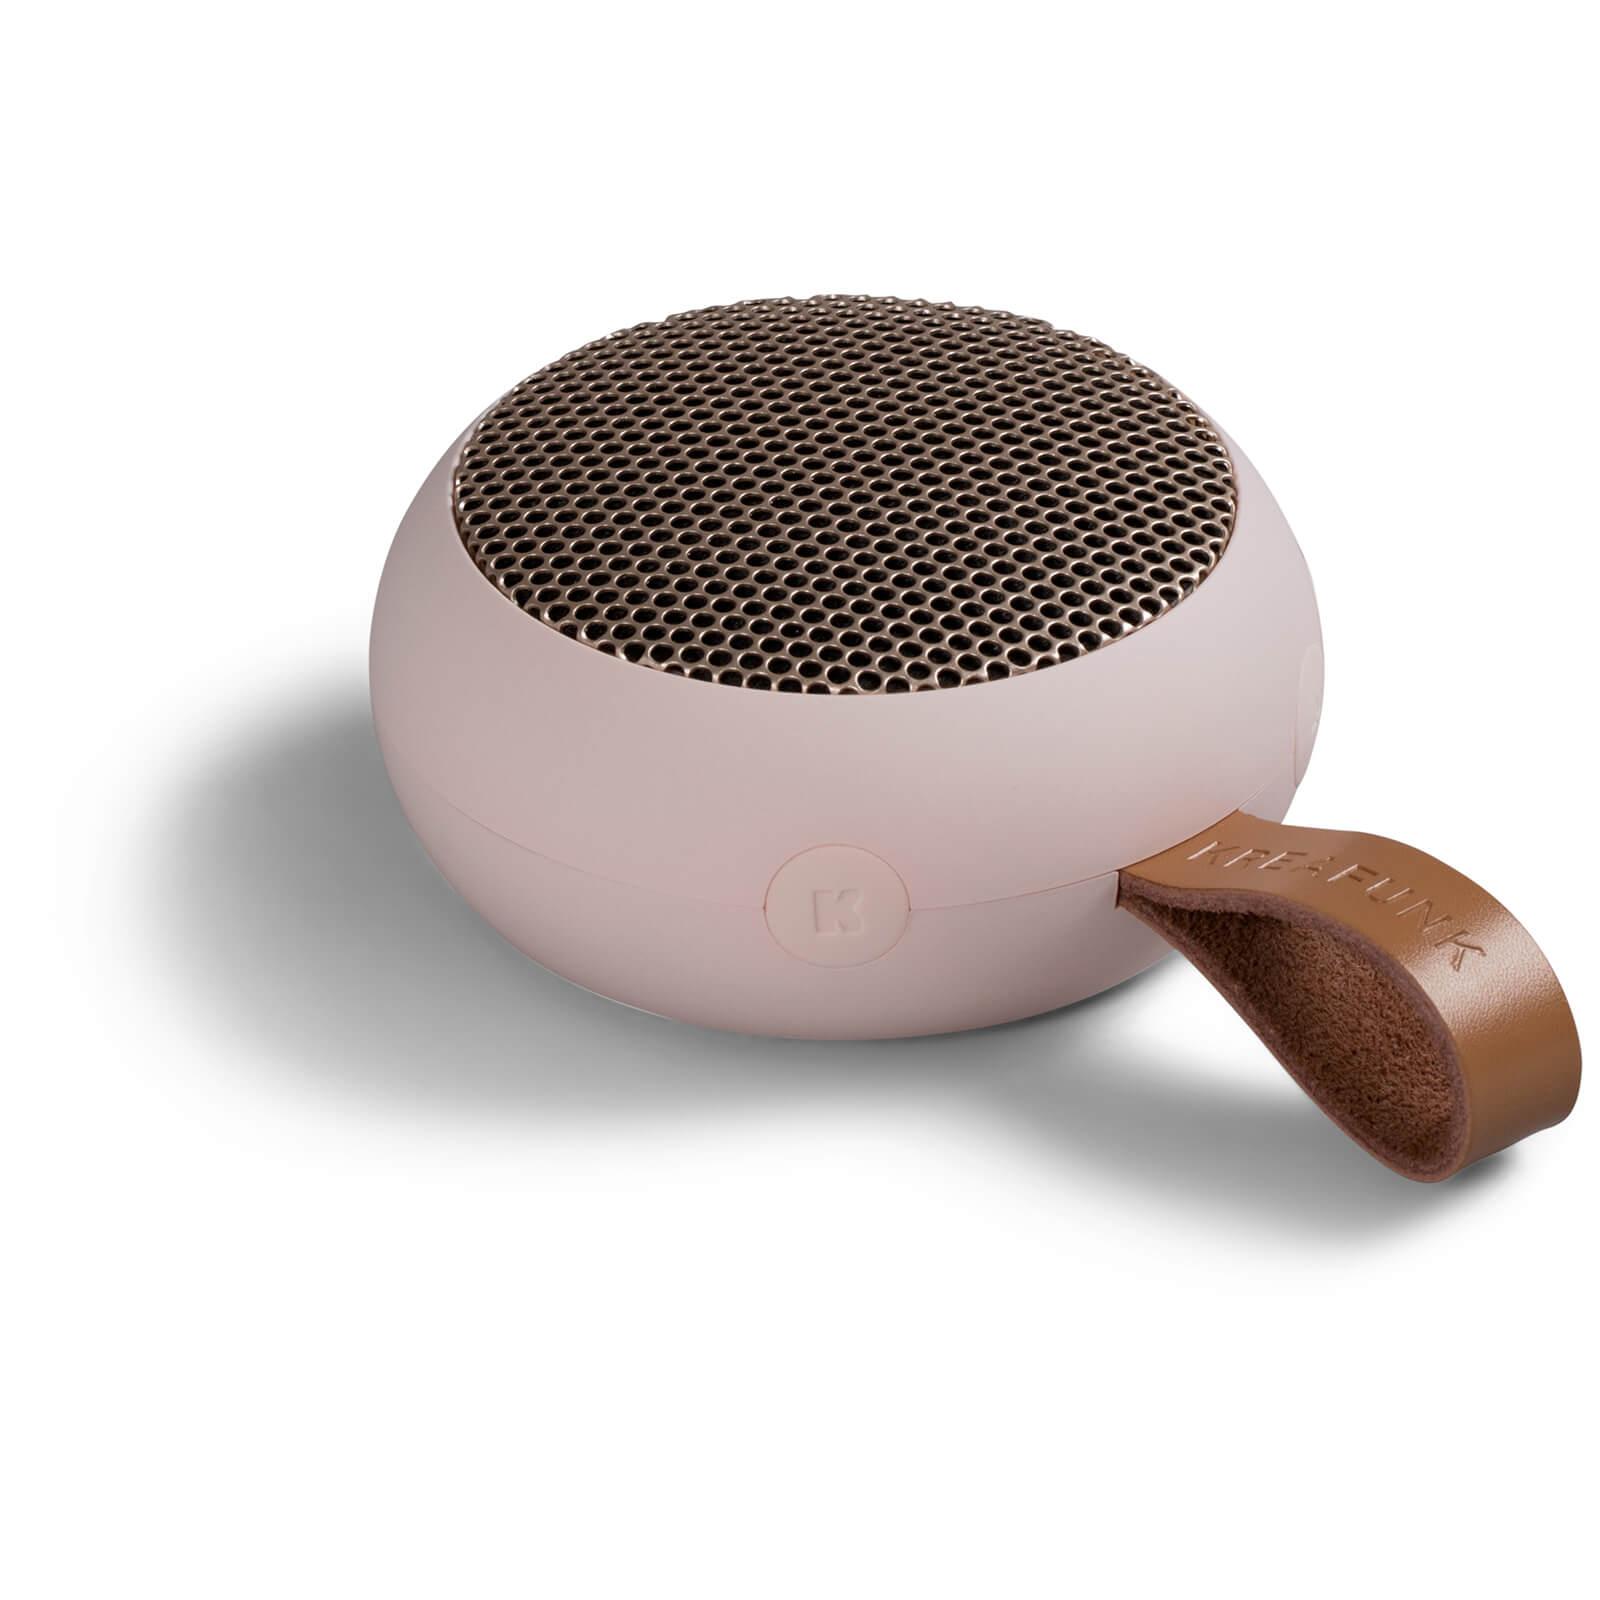 Kreafunk aGO Bluetooth Speaker - Dusty Pink